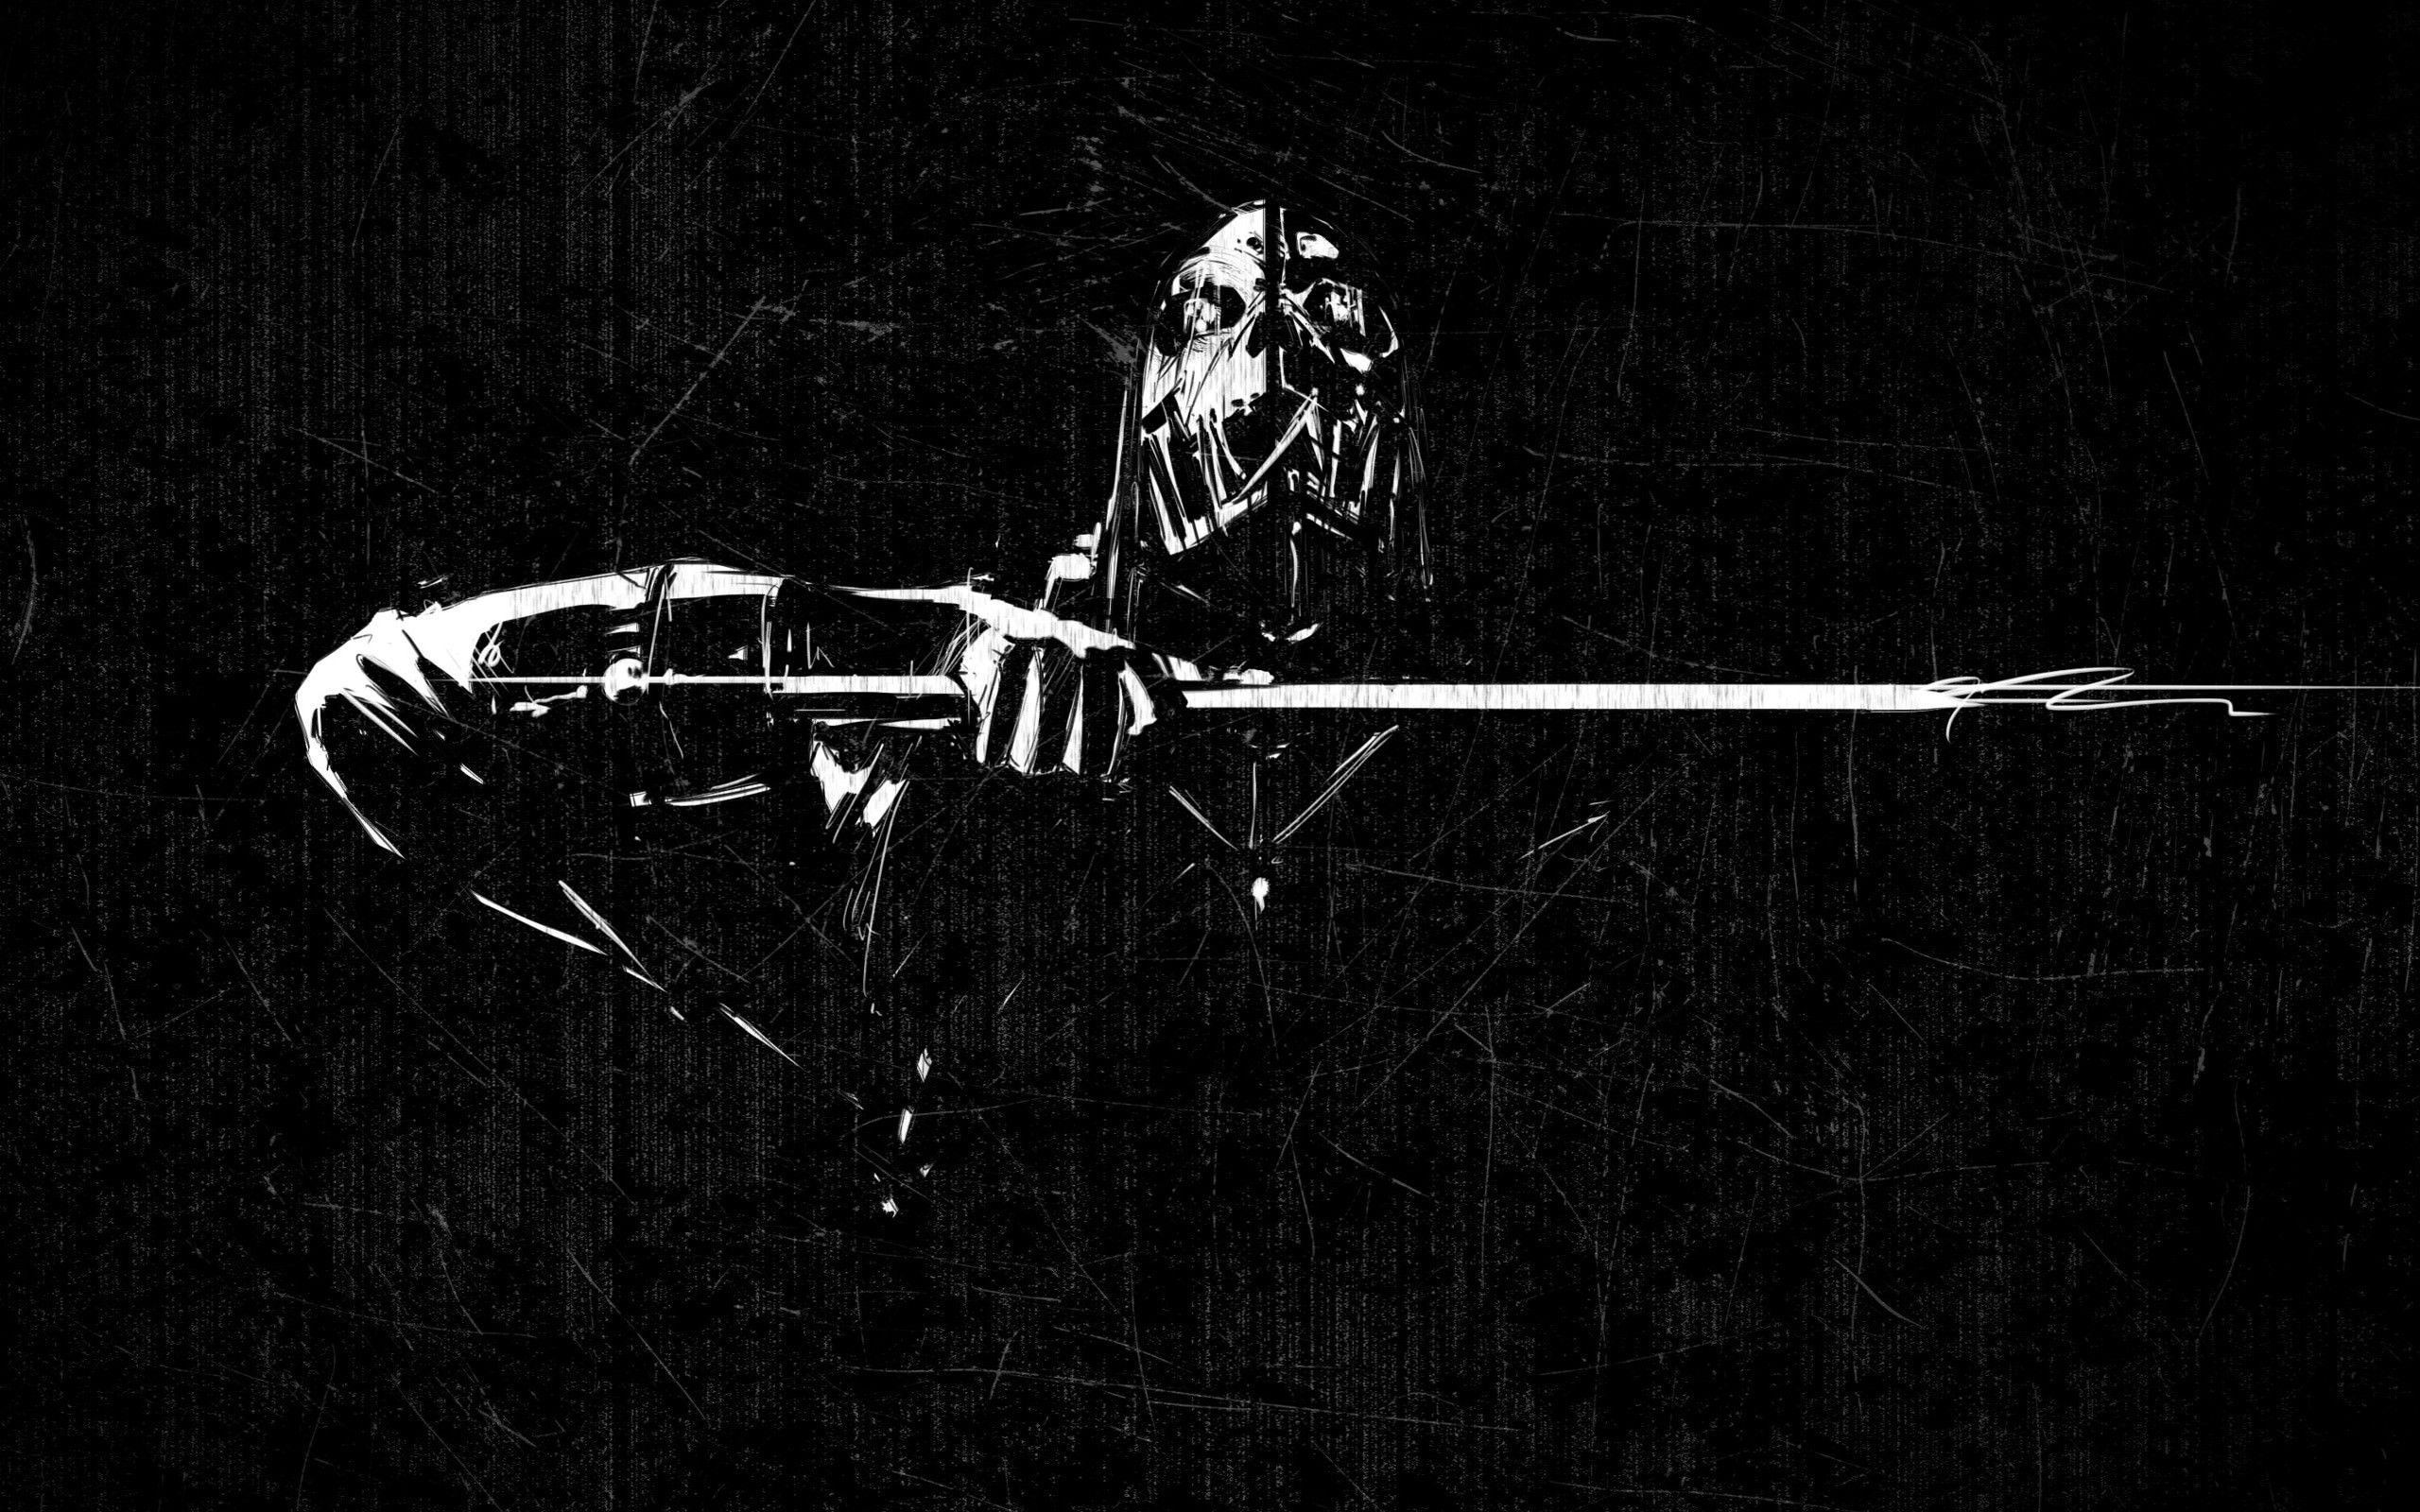 Corvo Attano Dishounored Wallpaper Digitalart Io Dishonored Gaming Wallpapers Best Gaming Wallpapers